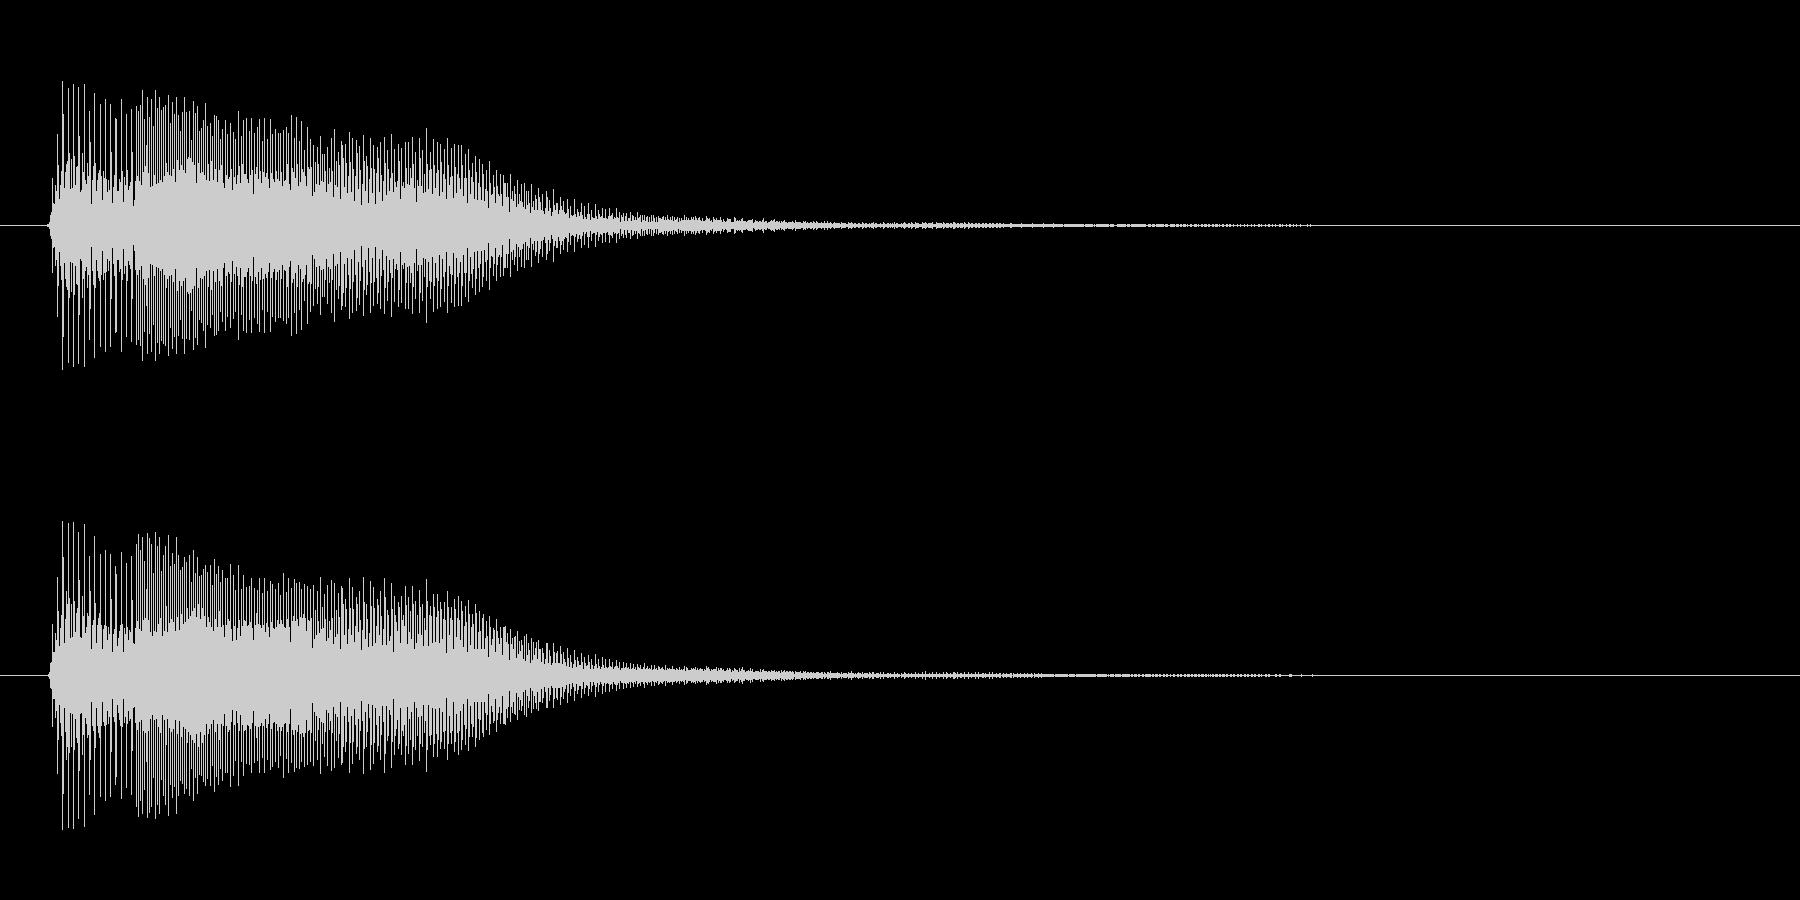 アプリ・ゲーム決定音_003の未再生の波形